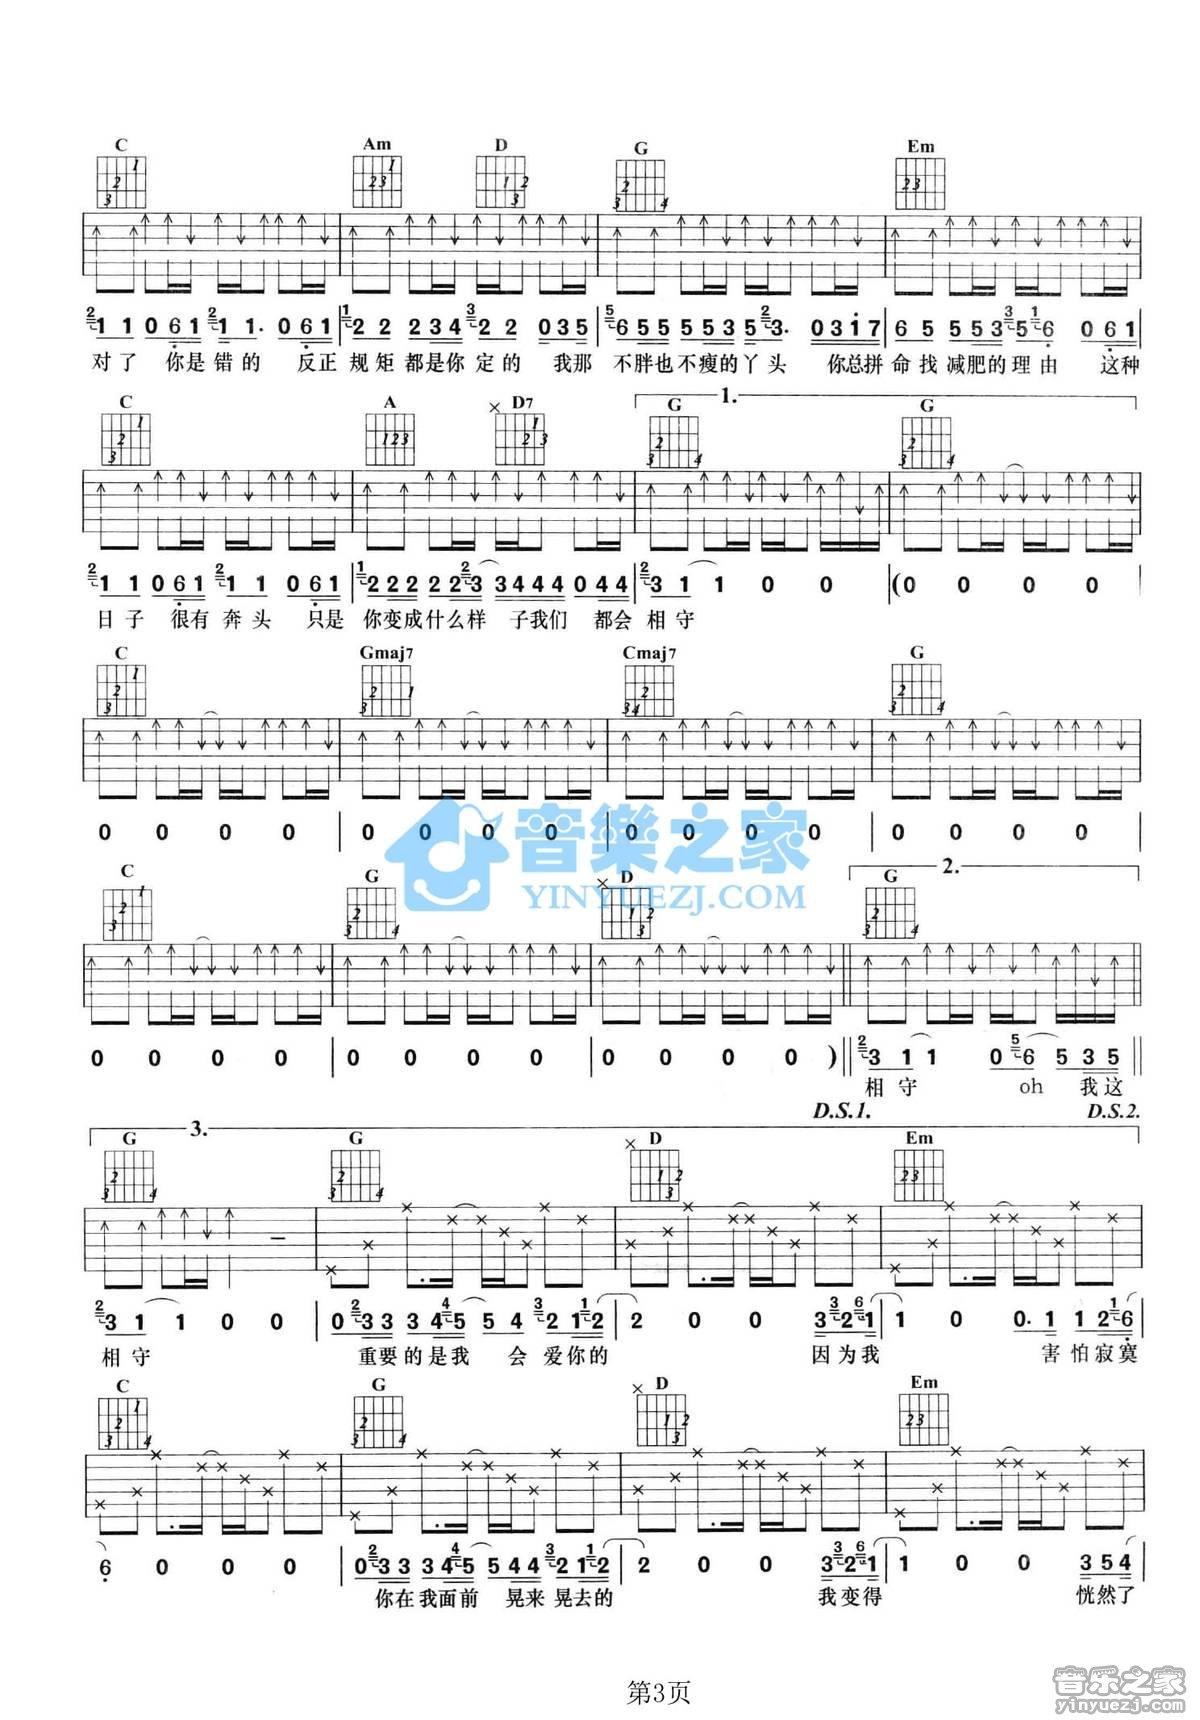 【丫头】双吉他版_吉他谱_枯桥吉他谱